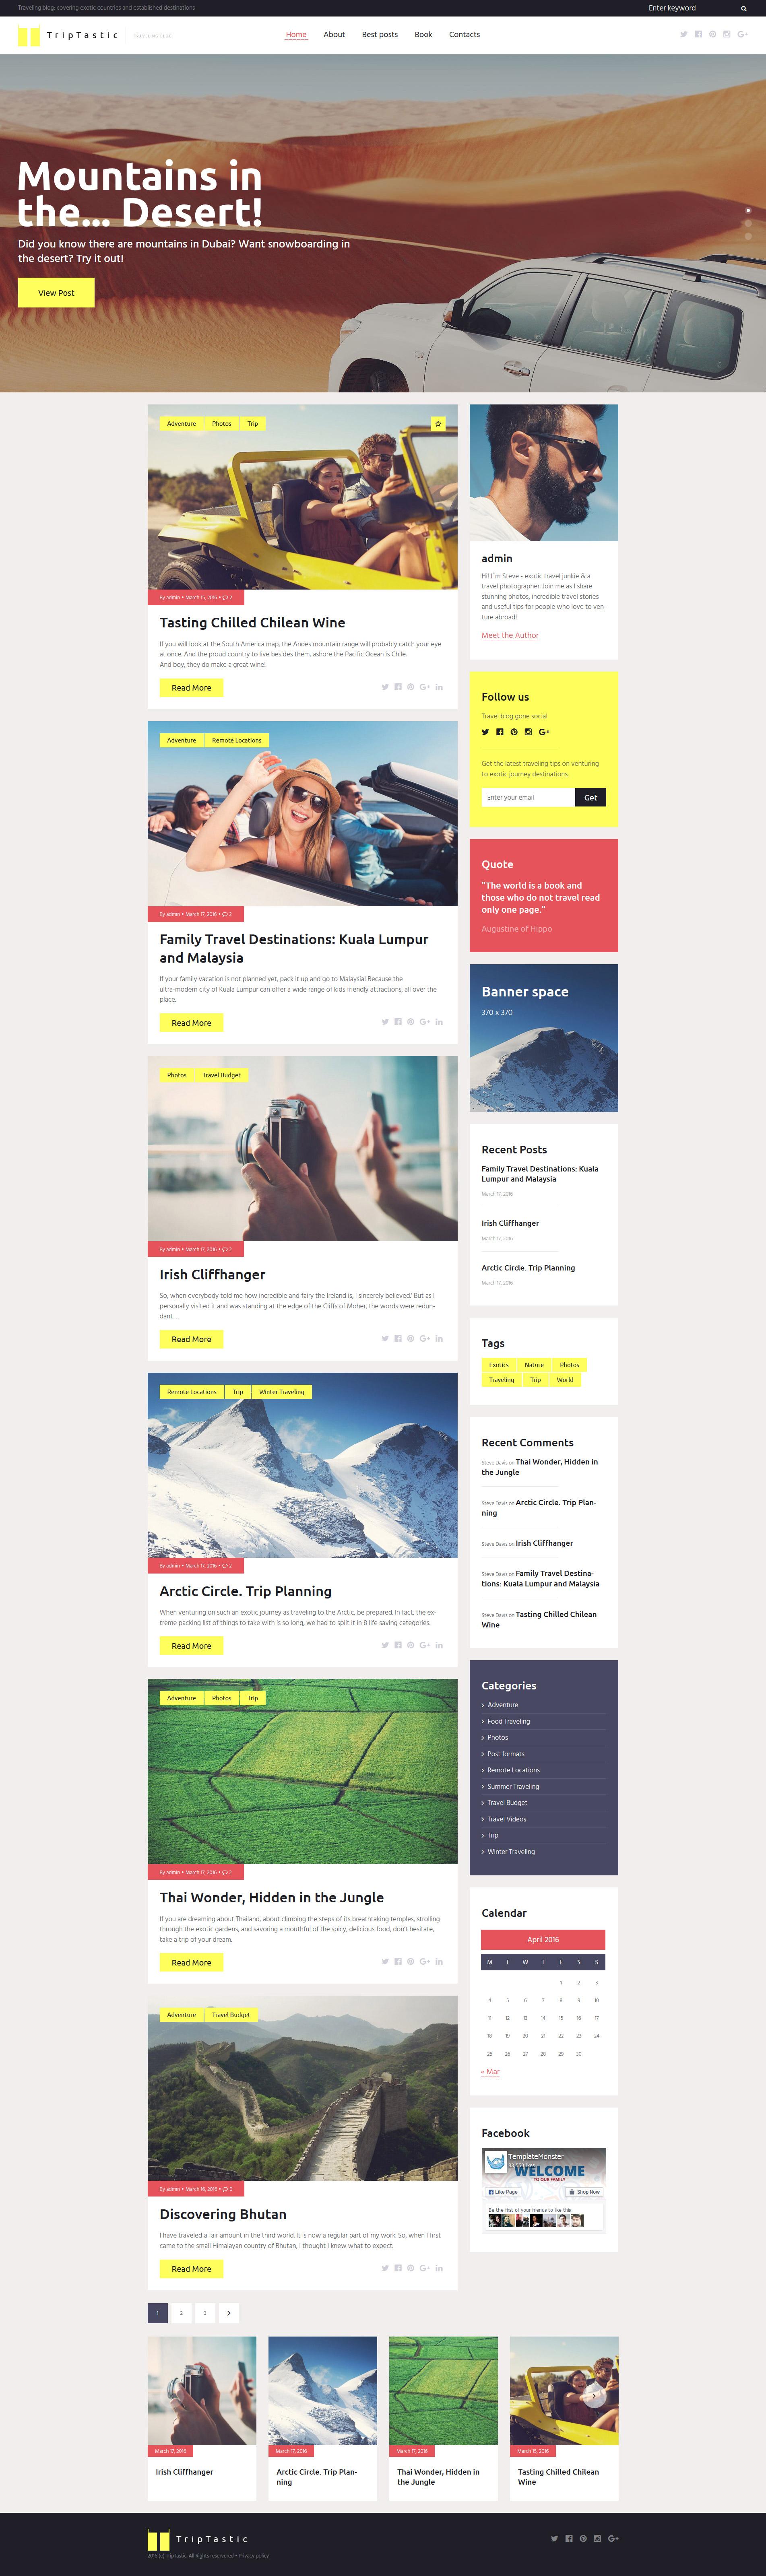 """""""TripTastic - Blog de voyages"""" thème WordPress adaptatif #58562 - screenshot"""